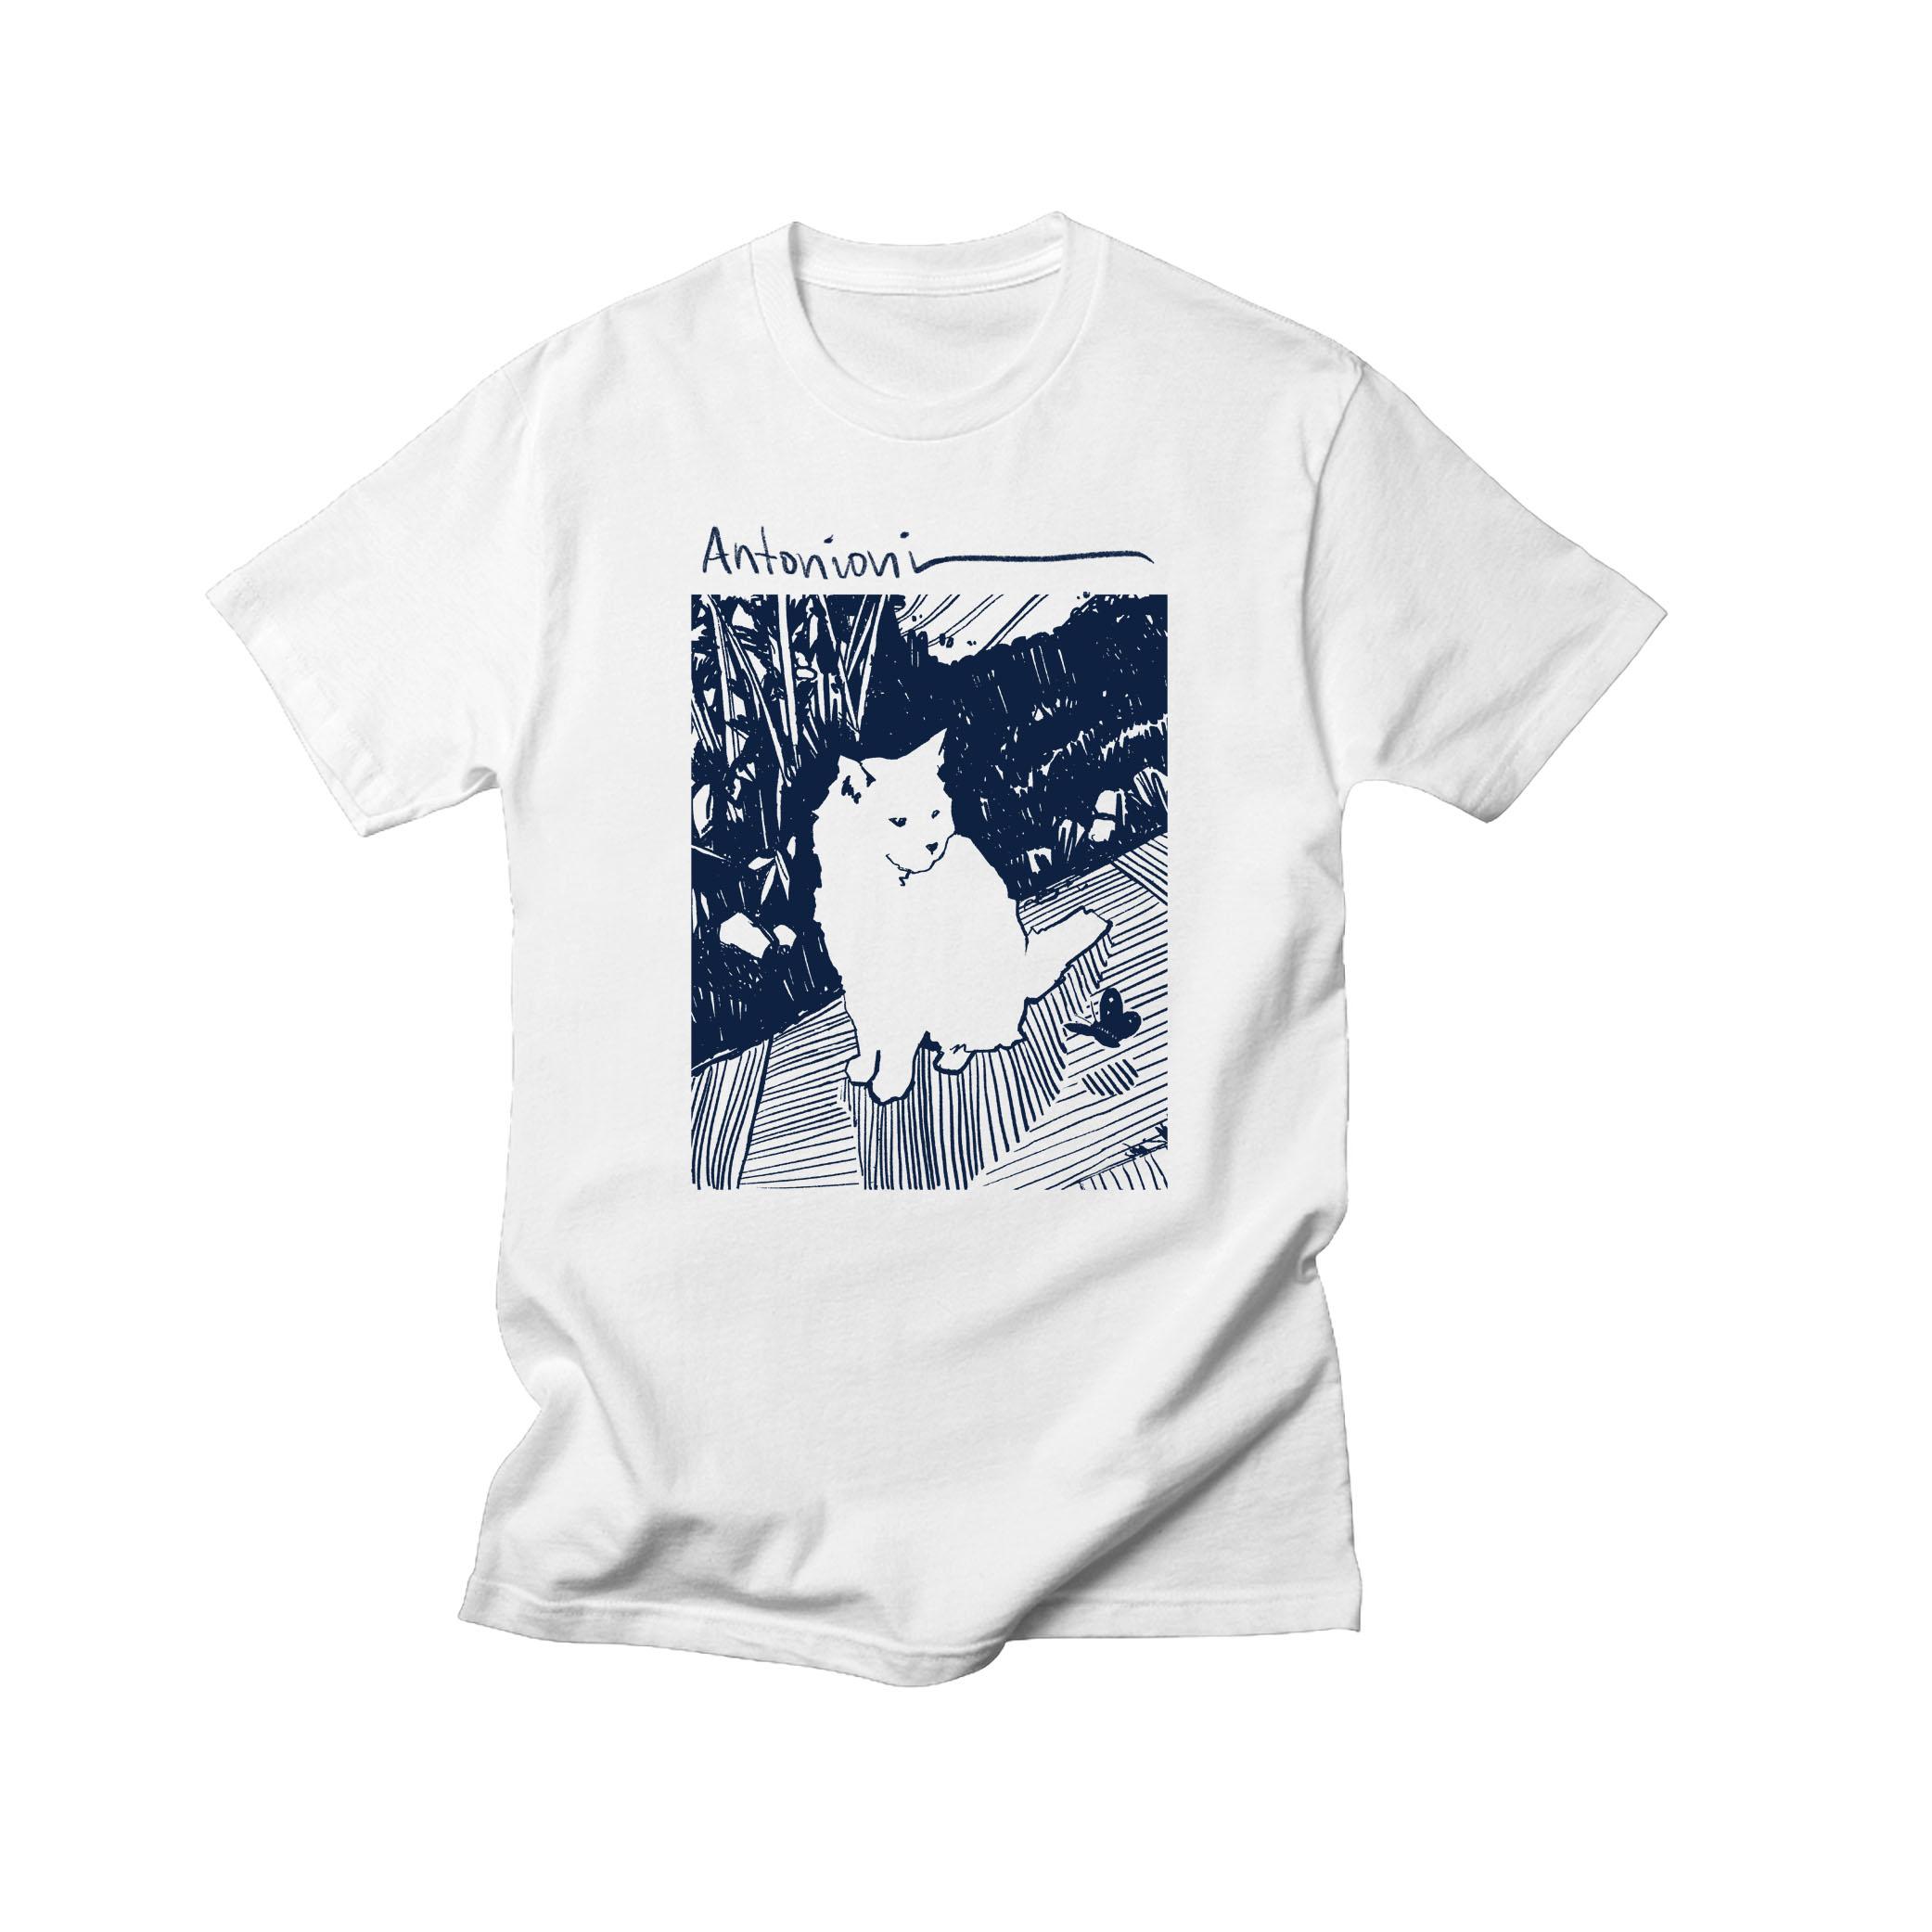 Antonioni - Cat Shirt